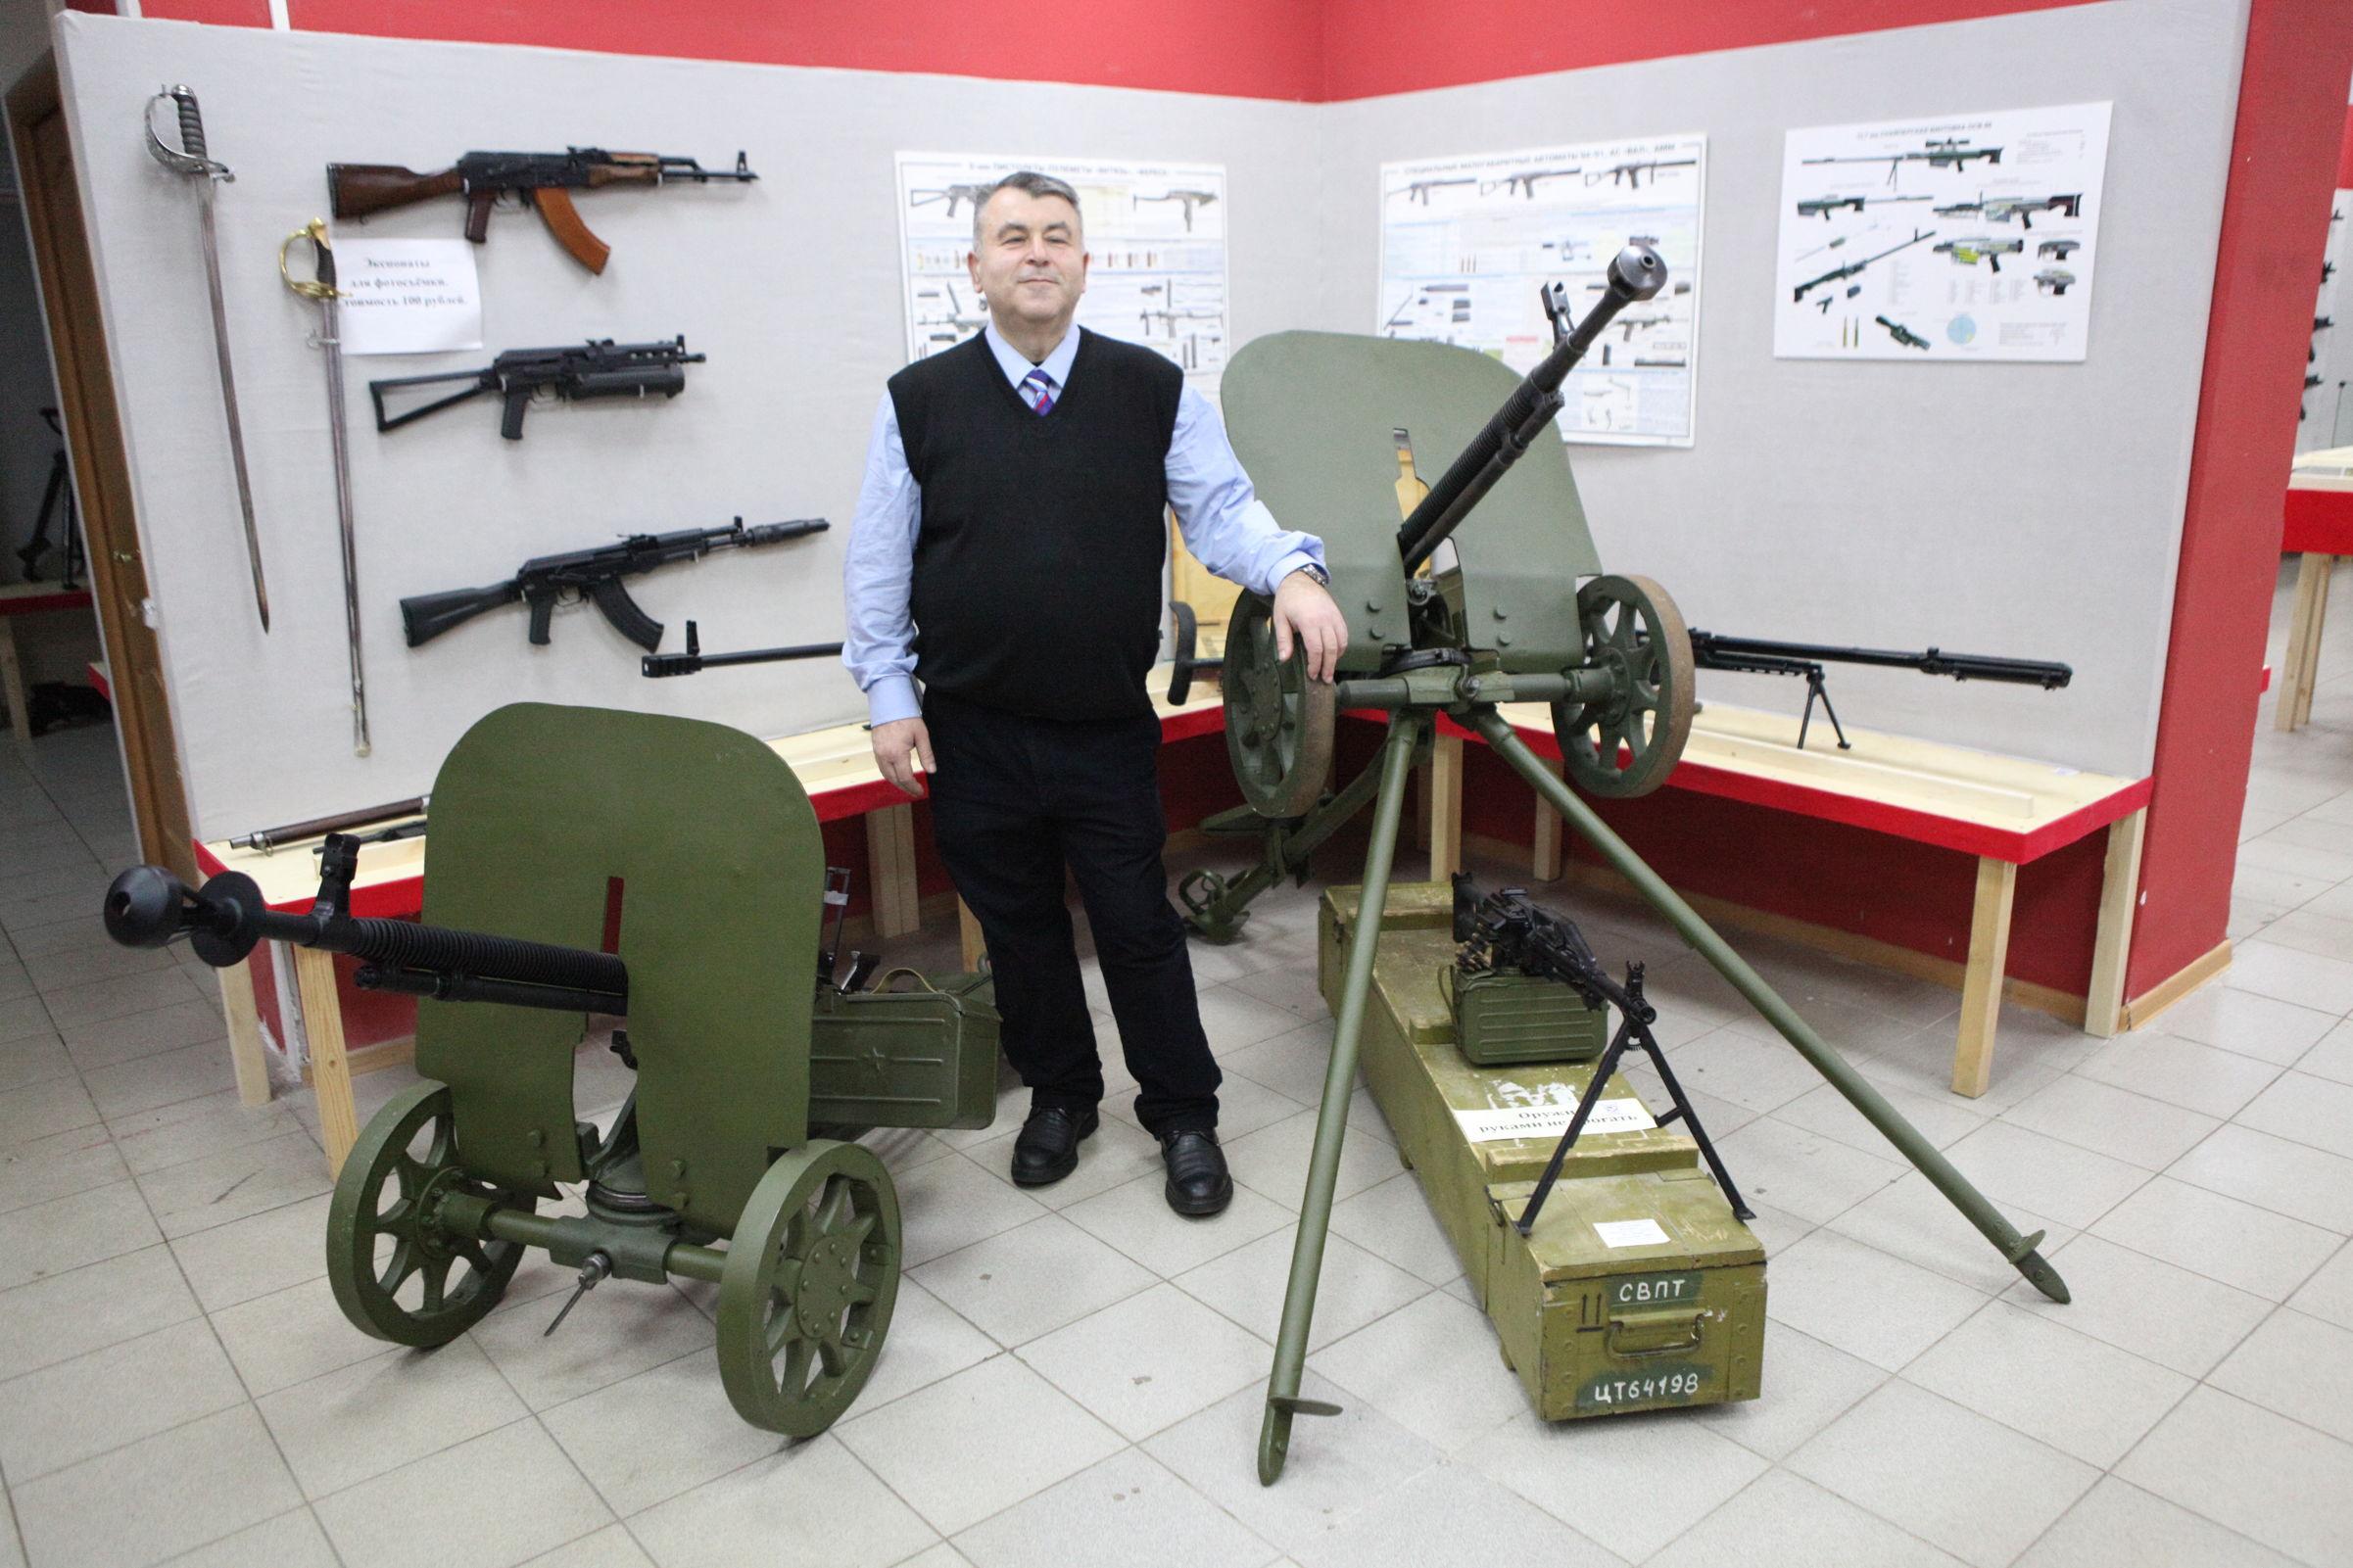 Мужское дело. Ярославец создал музей оружия, где собрал полтысячи экземпляров